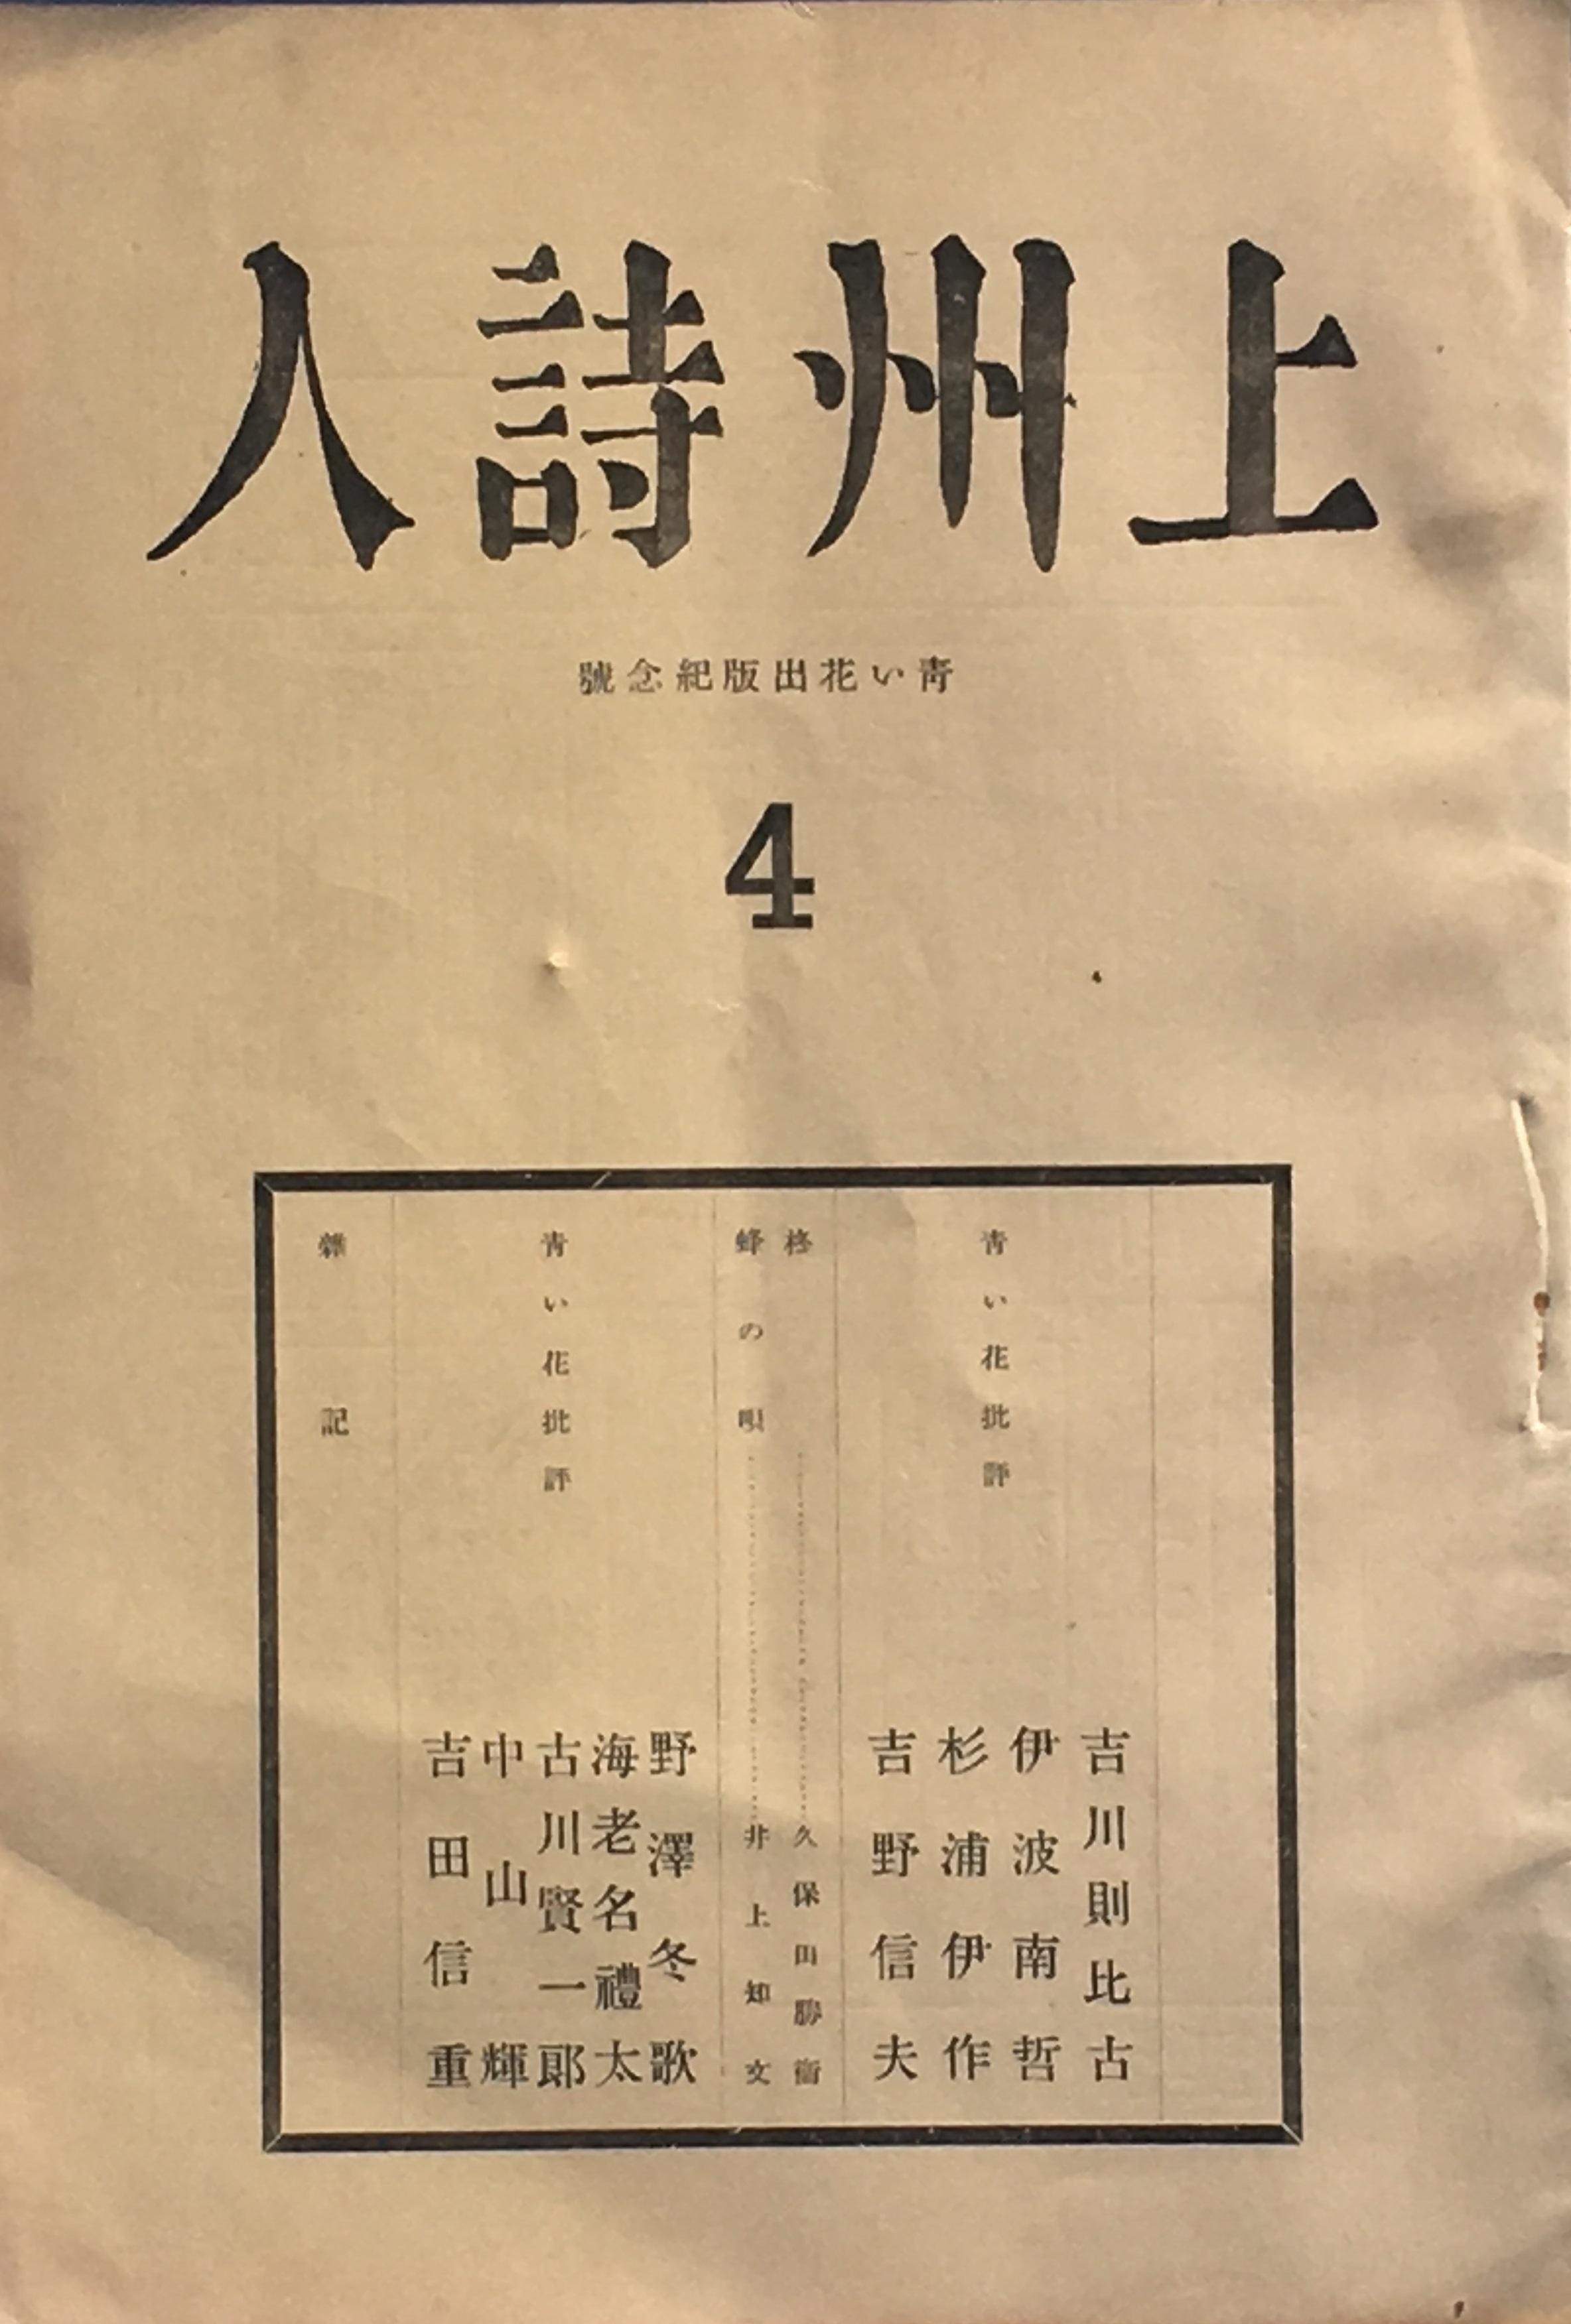 編集兼発行人:清水房之丞『上州詩人』第4号、発行所:上州詩人社、発行日:1933年1月、雑誌、個人蔵